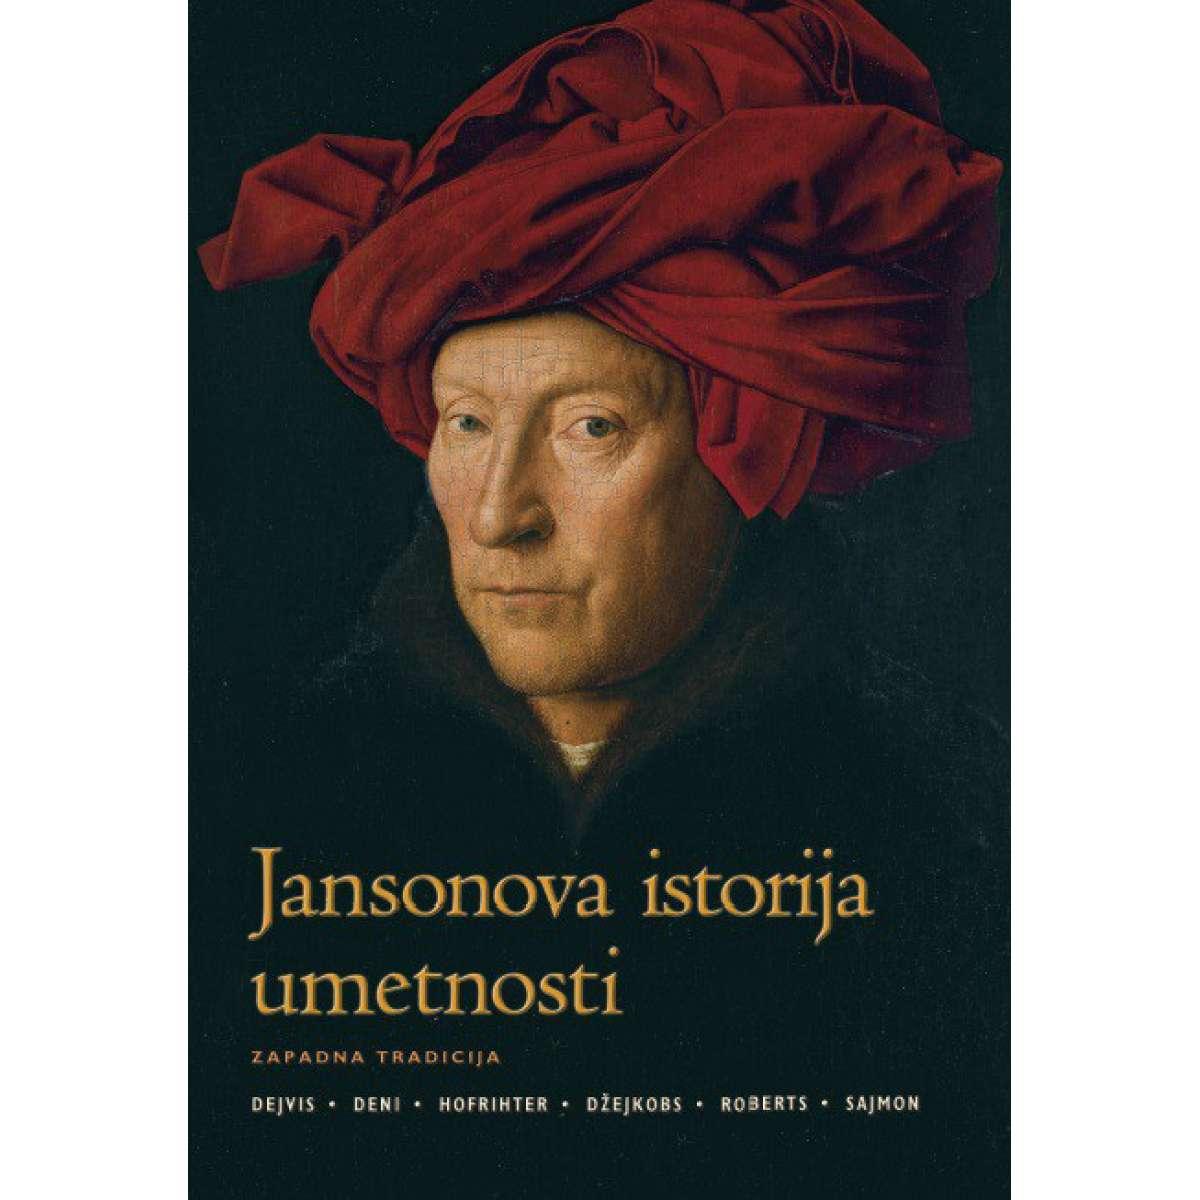 Jansonova istorija umetnosti - sedmo izdanje